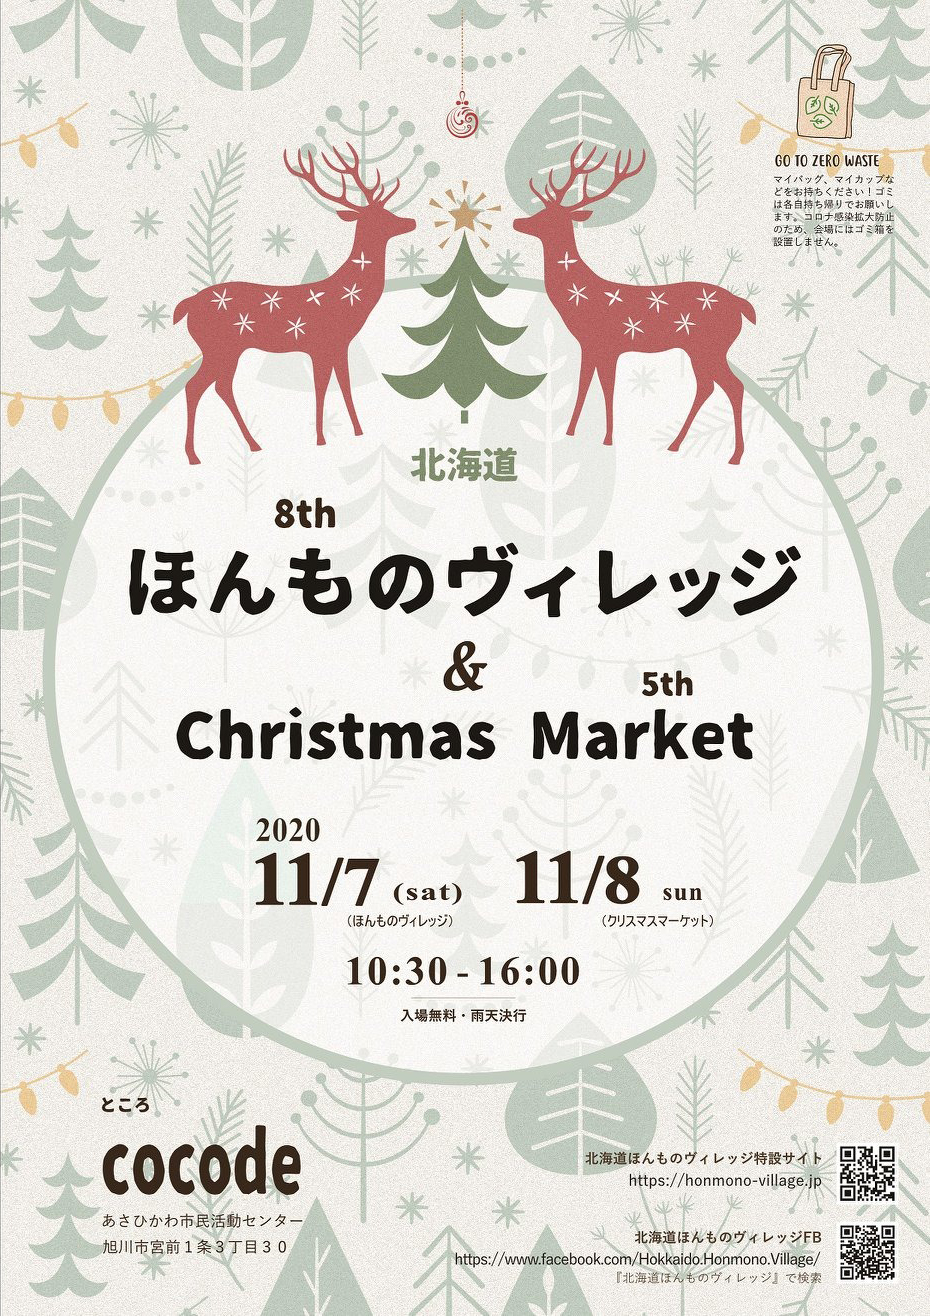 8th ほんものヴィレッジ&5th Christmas Market出展のお知らせ